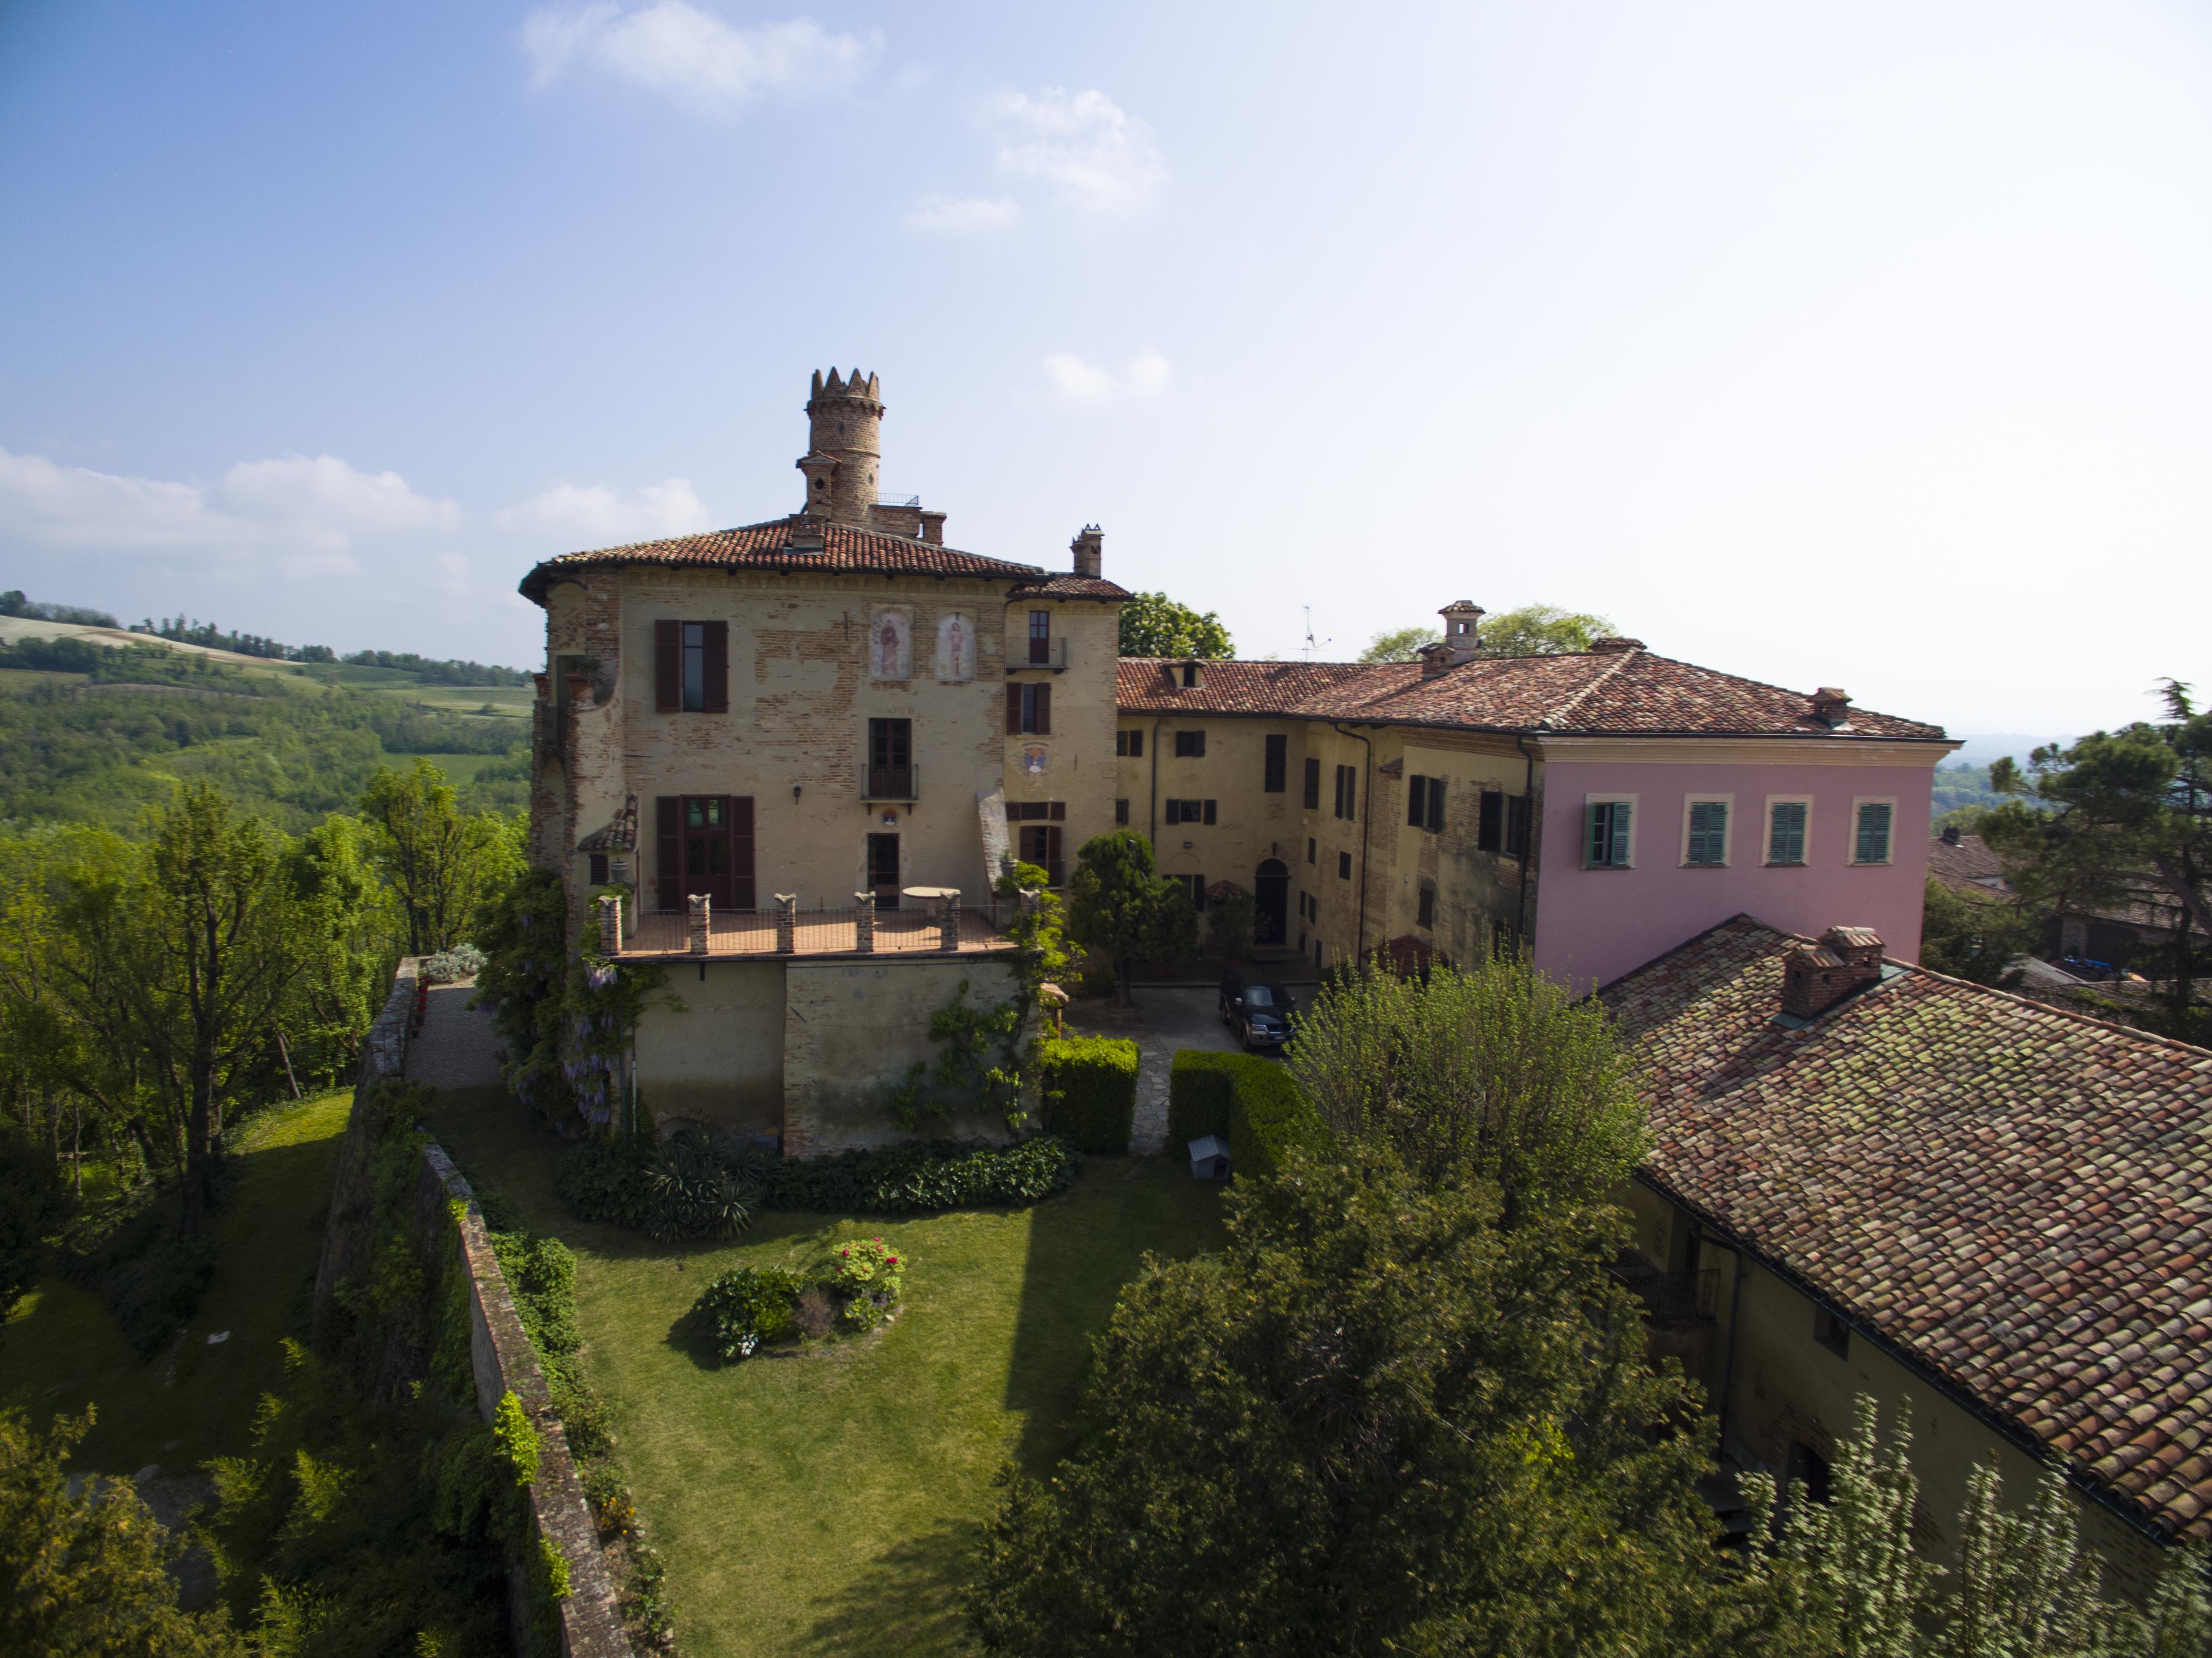 Castello a Pino d'Asti